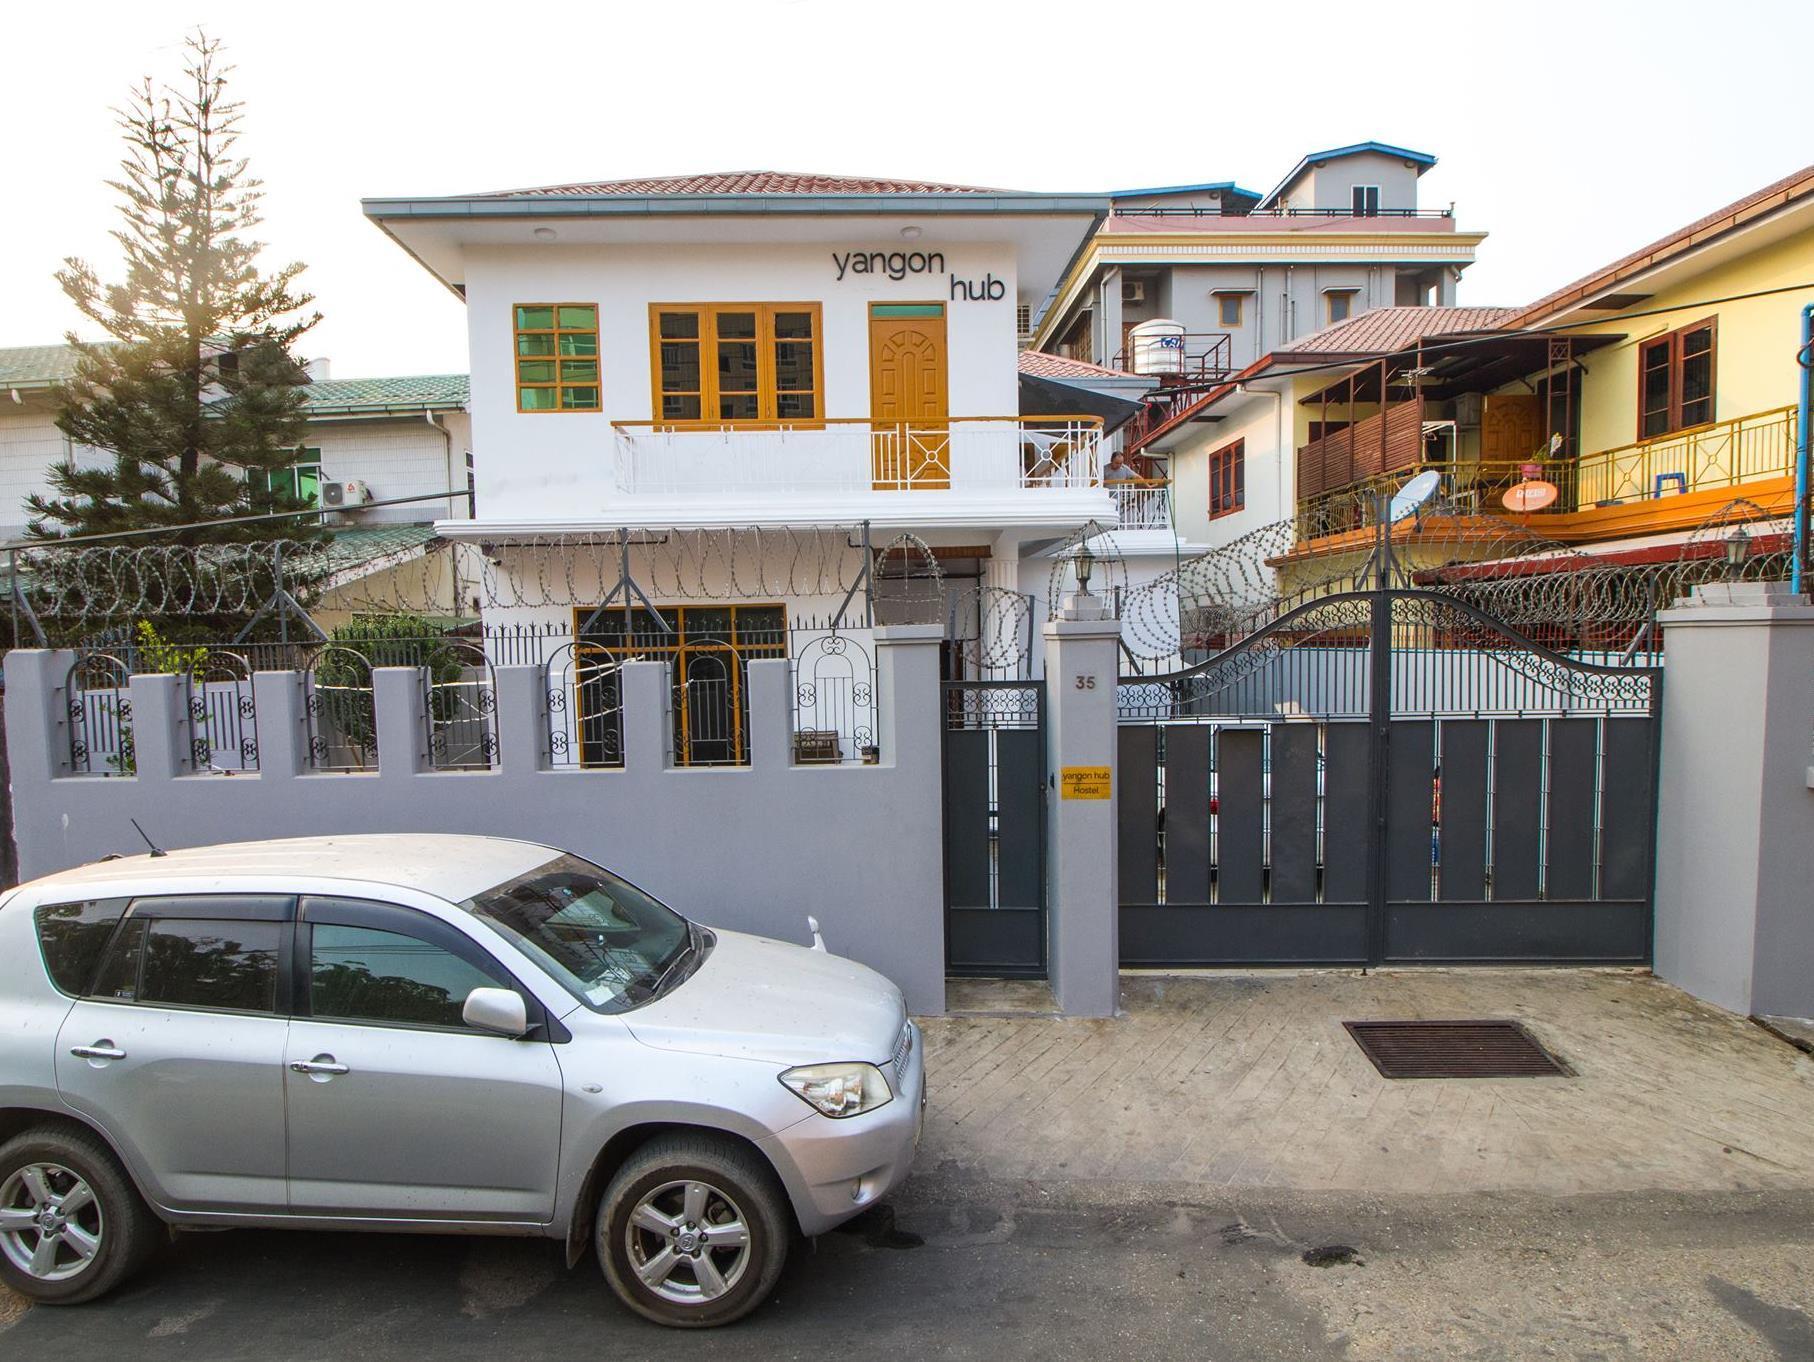 Yangon Hub